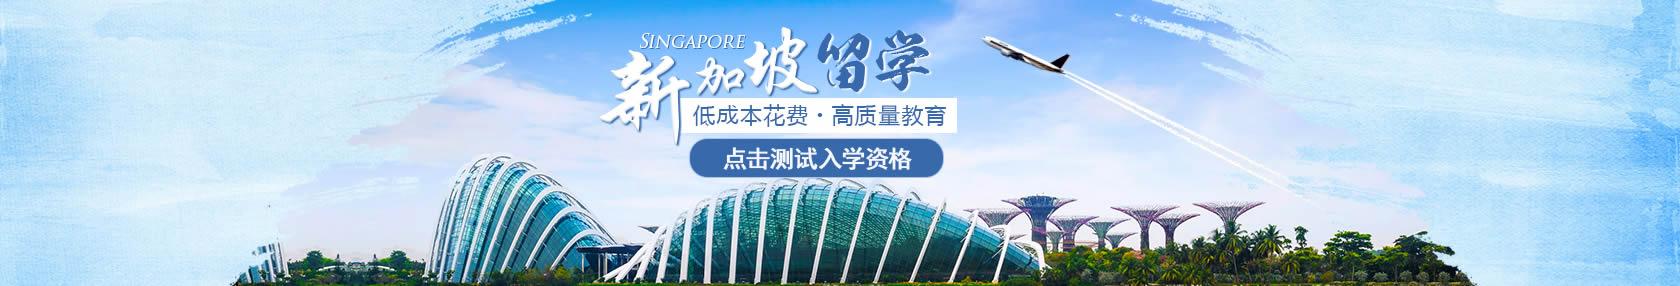 【新加坡留学】低成本花费高质量教育,学生更具国际竞争力